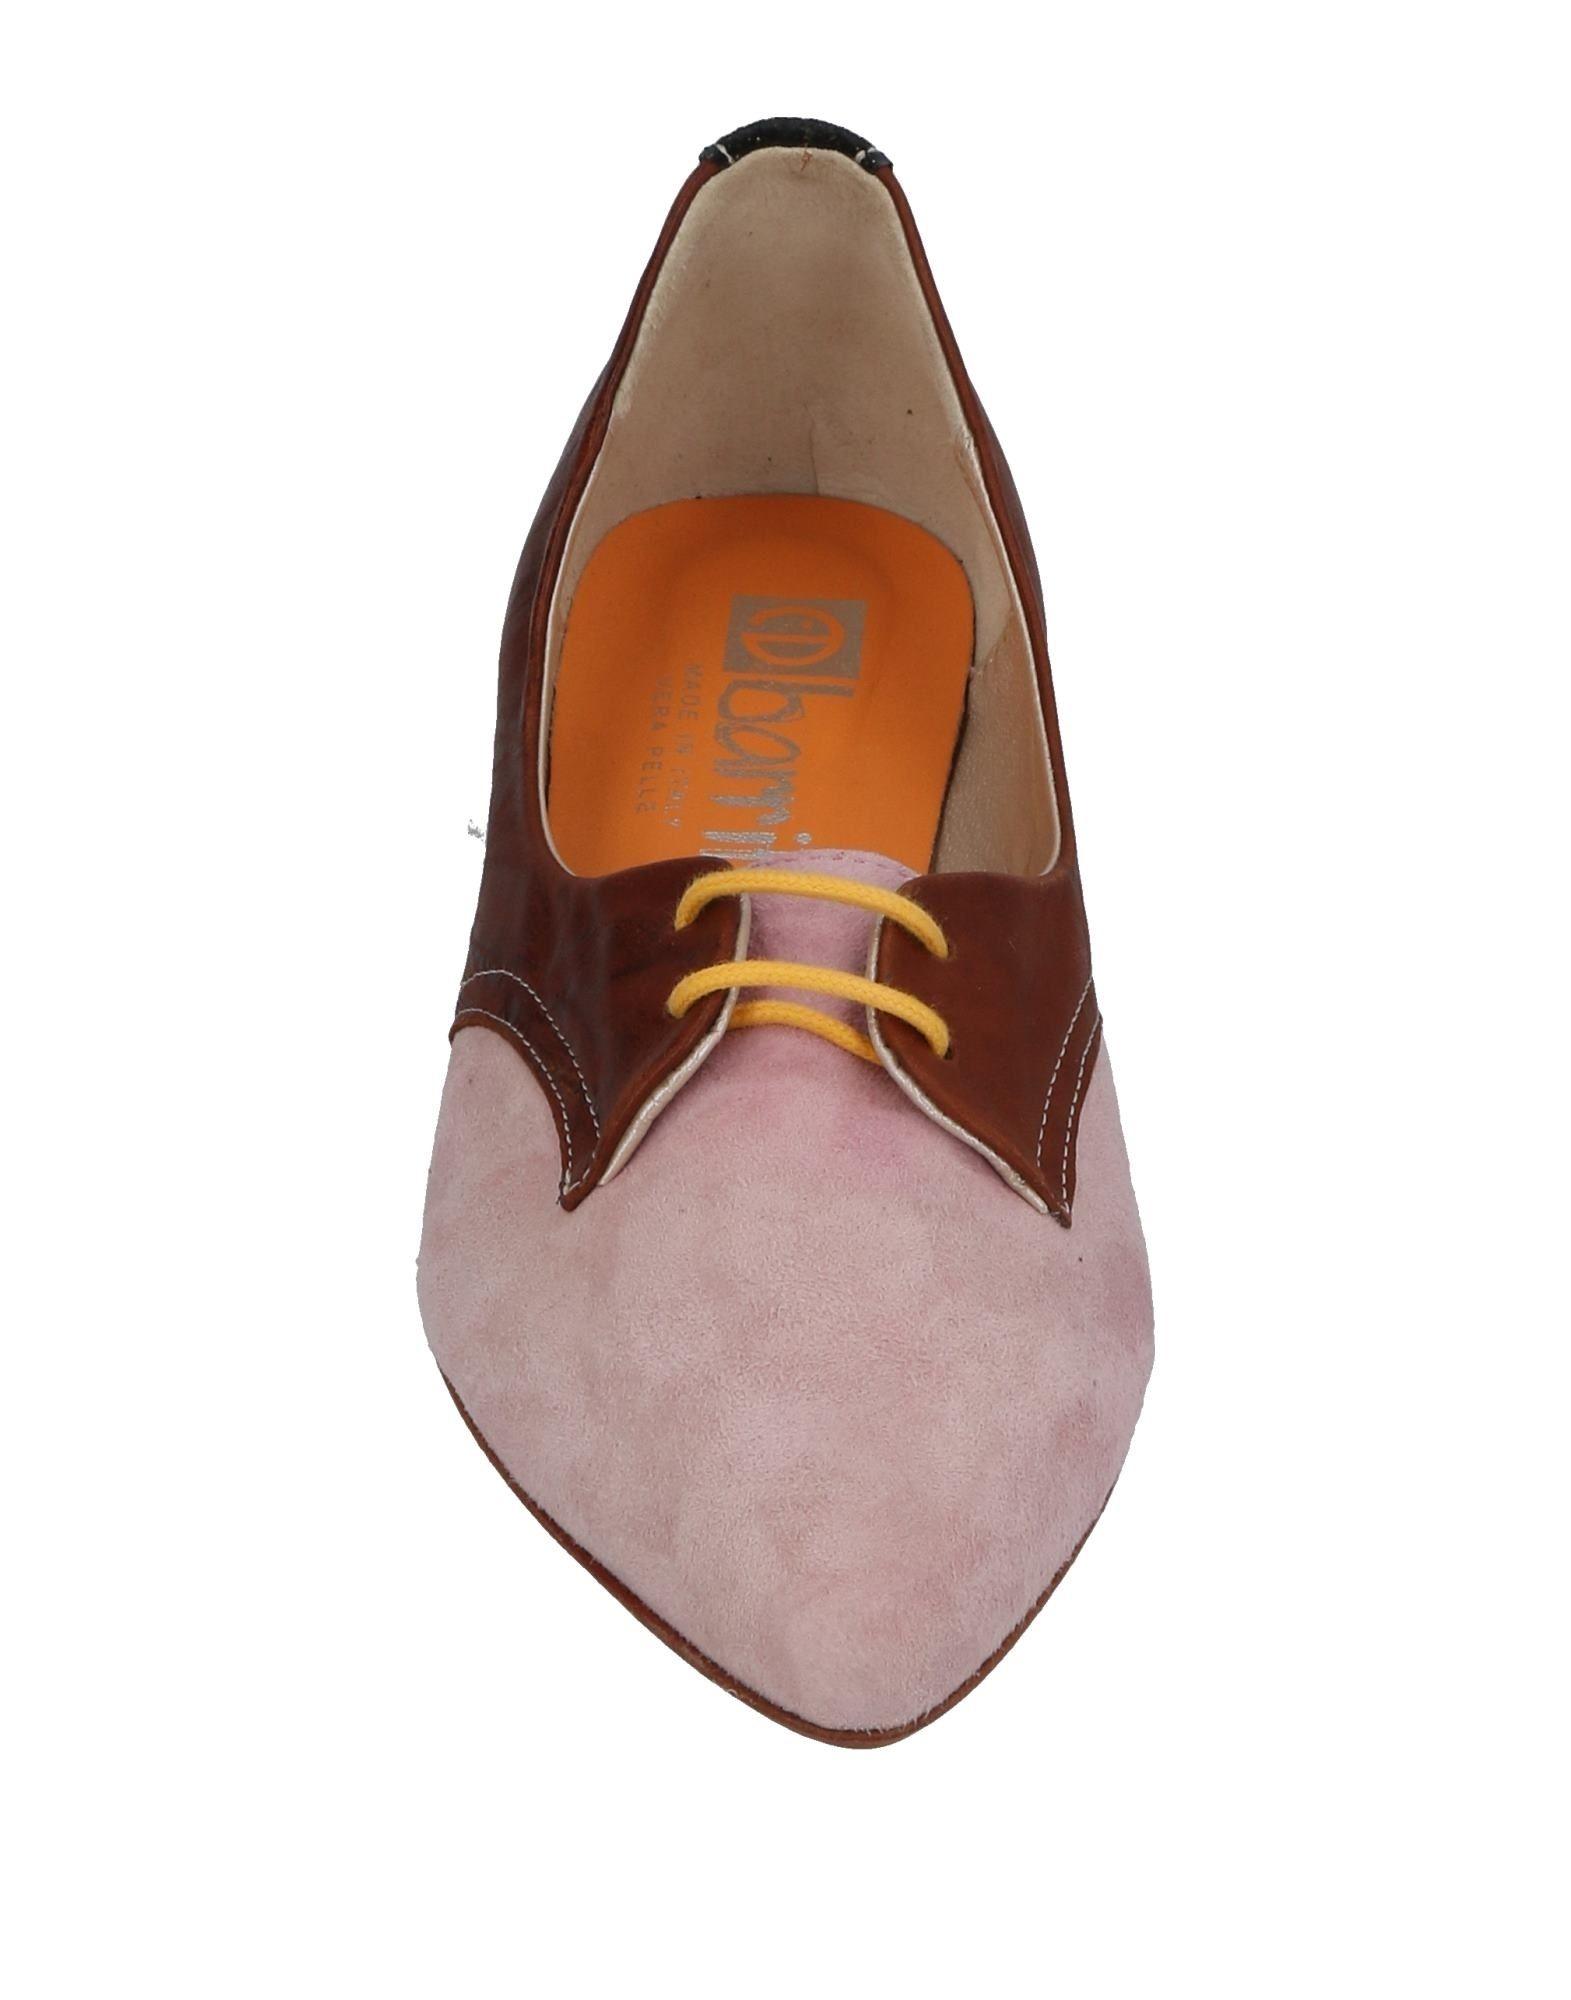 Ebarrito Schnürschuhe Damen  11459038FI Gute Qualität Qualität Gute beliebte Schuhe 346d45